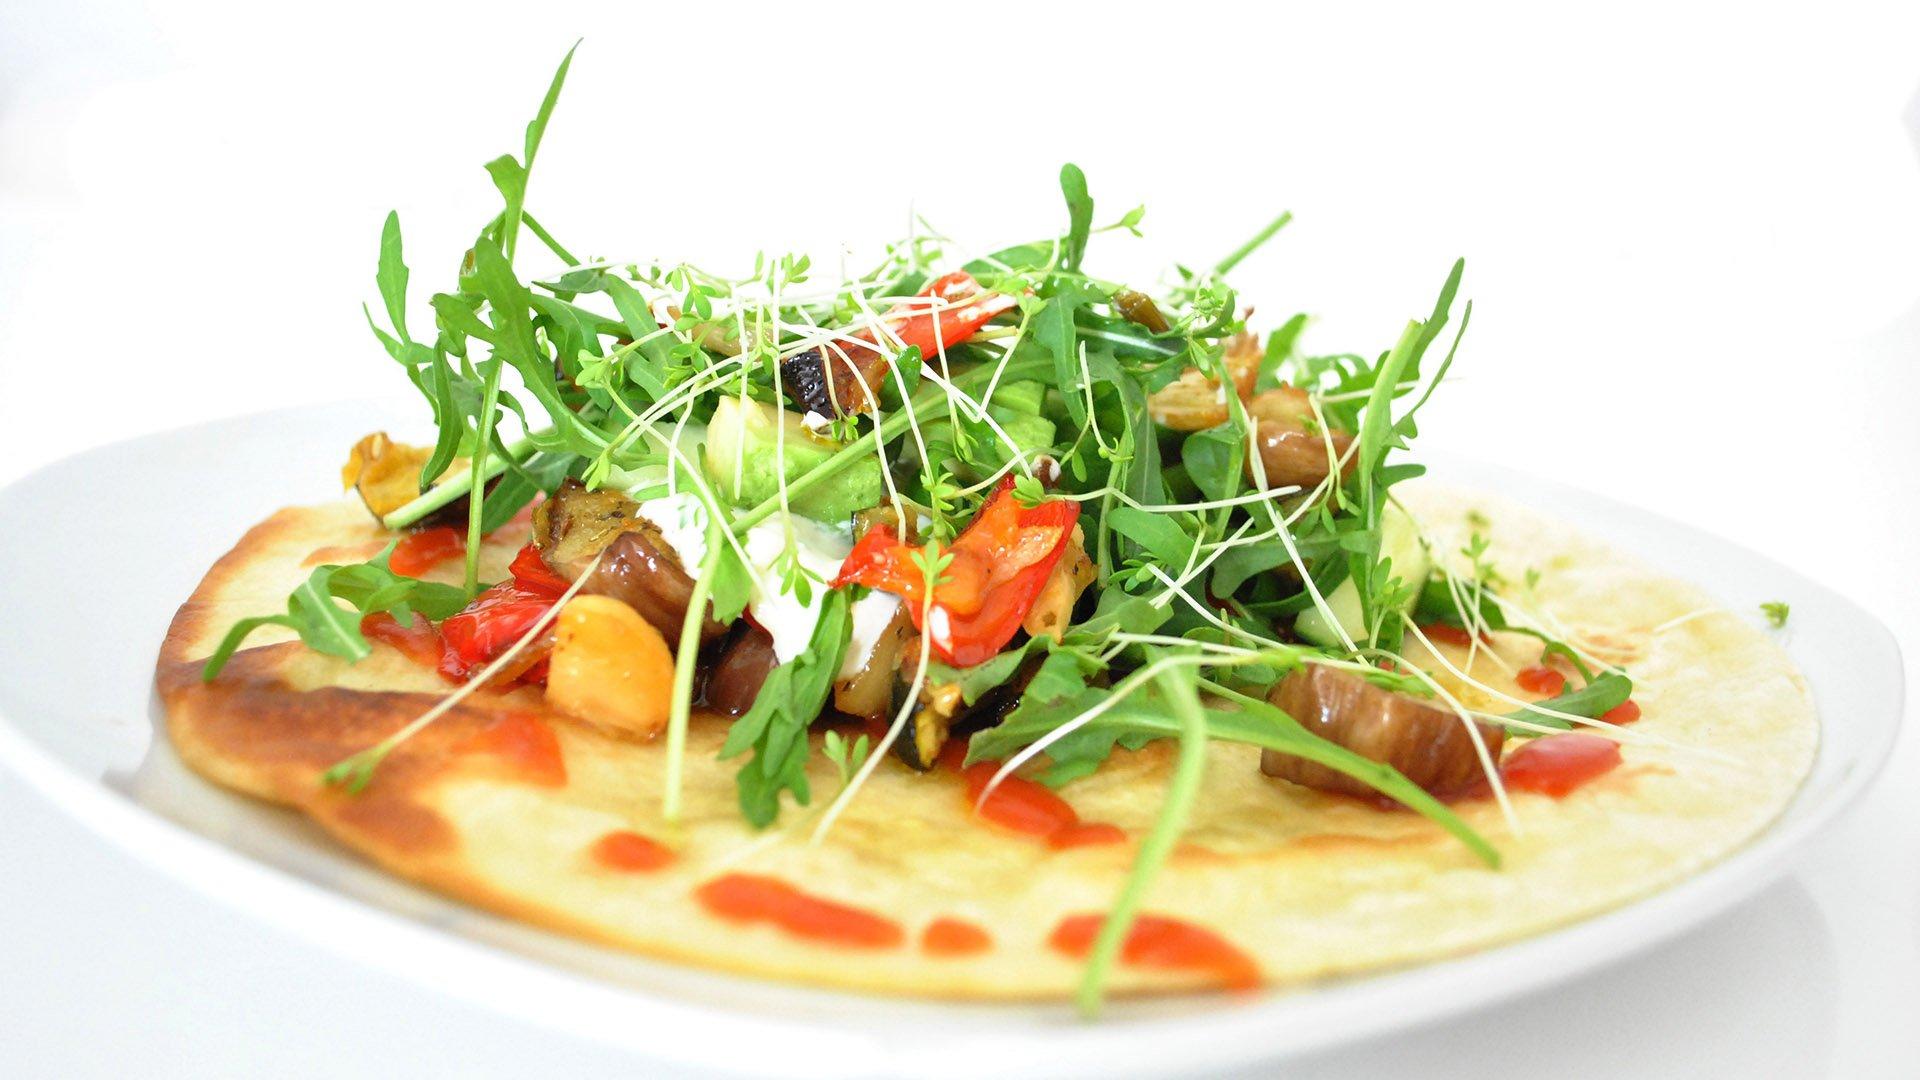 Finde Dein bestes Restaurants - Heide Restaurants